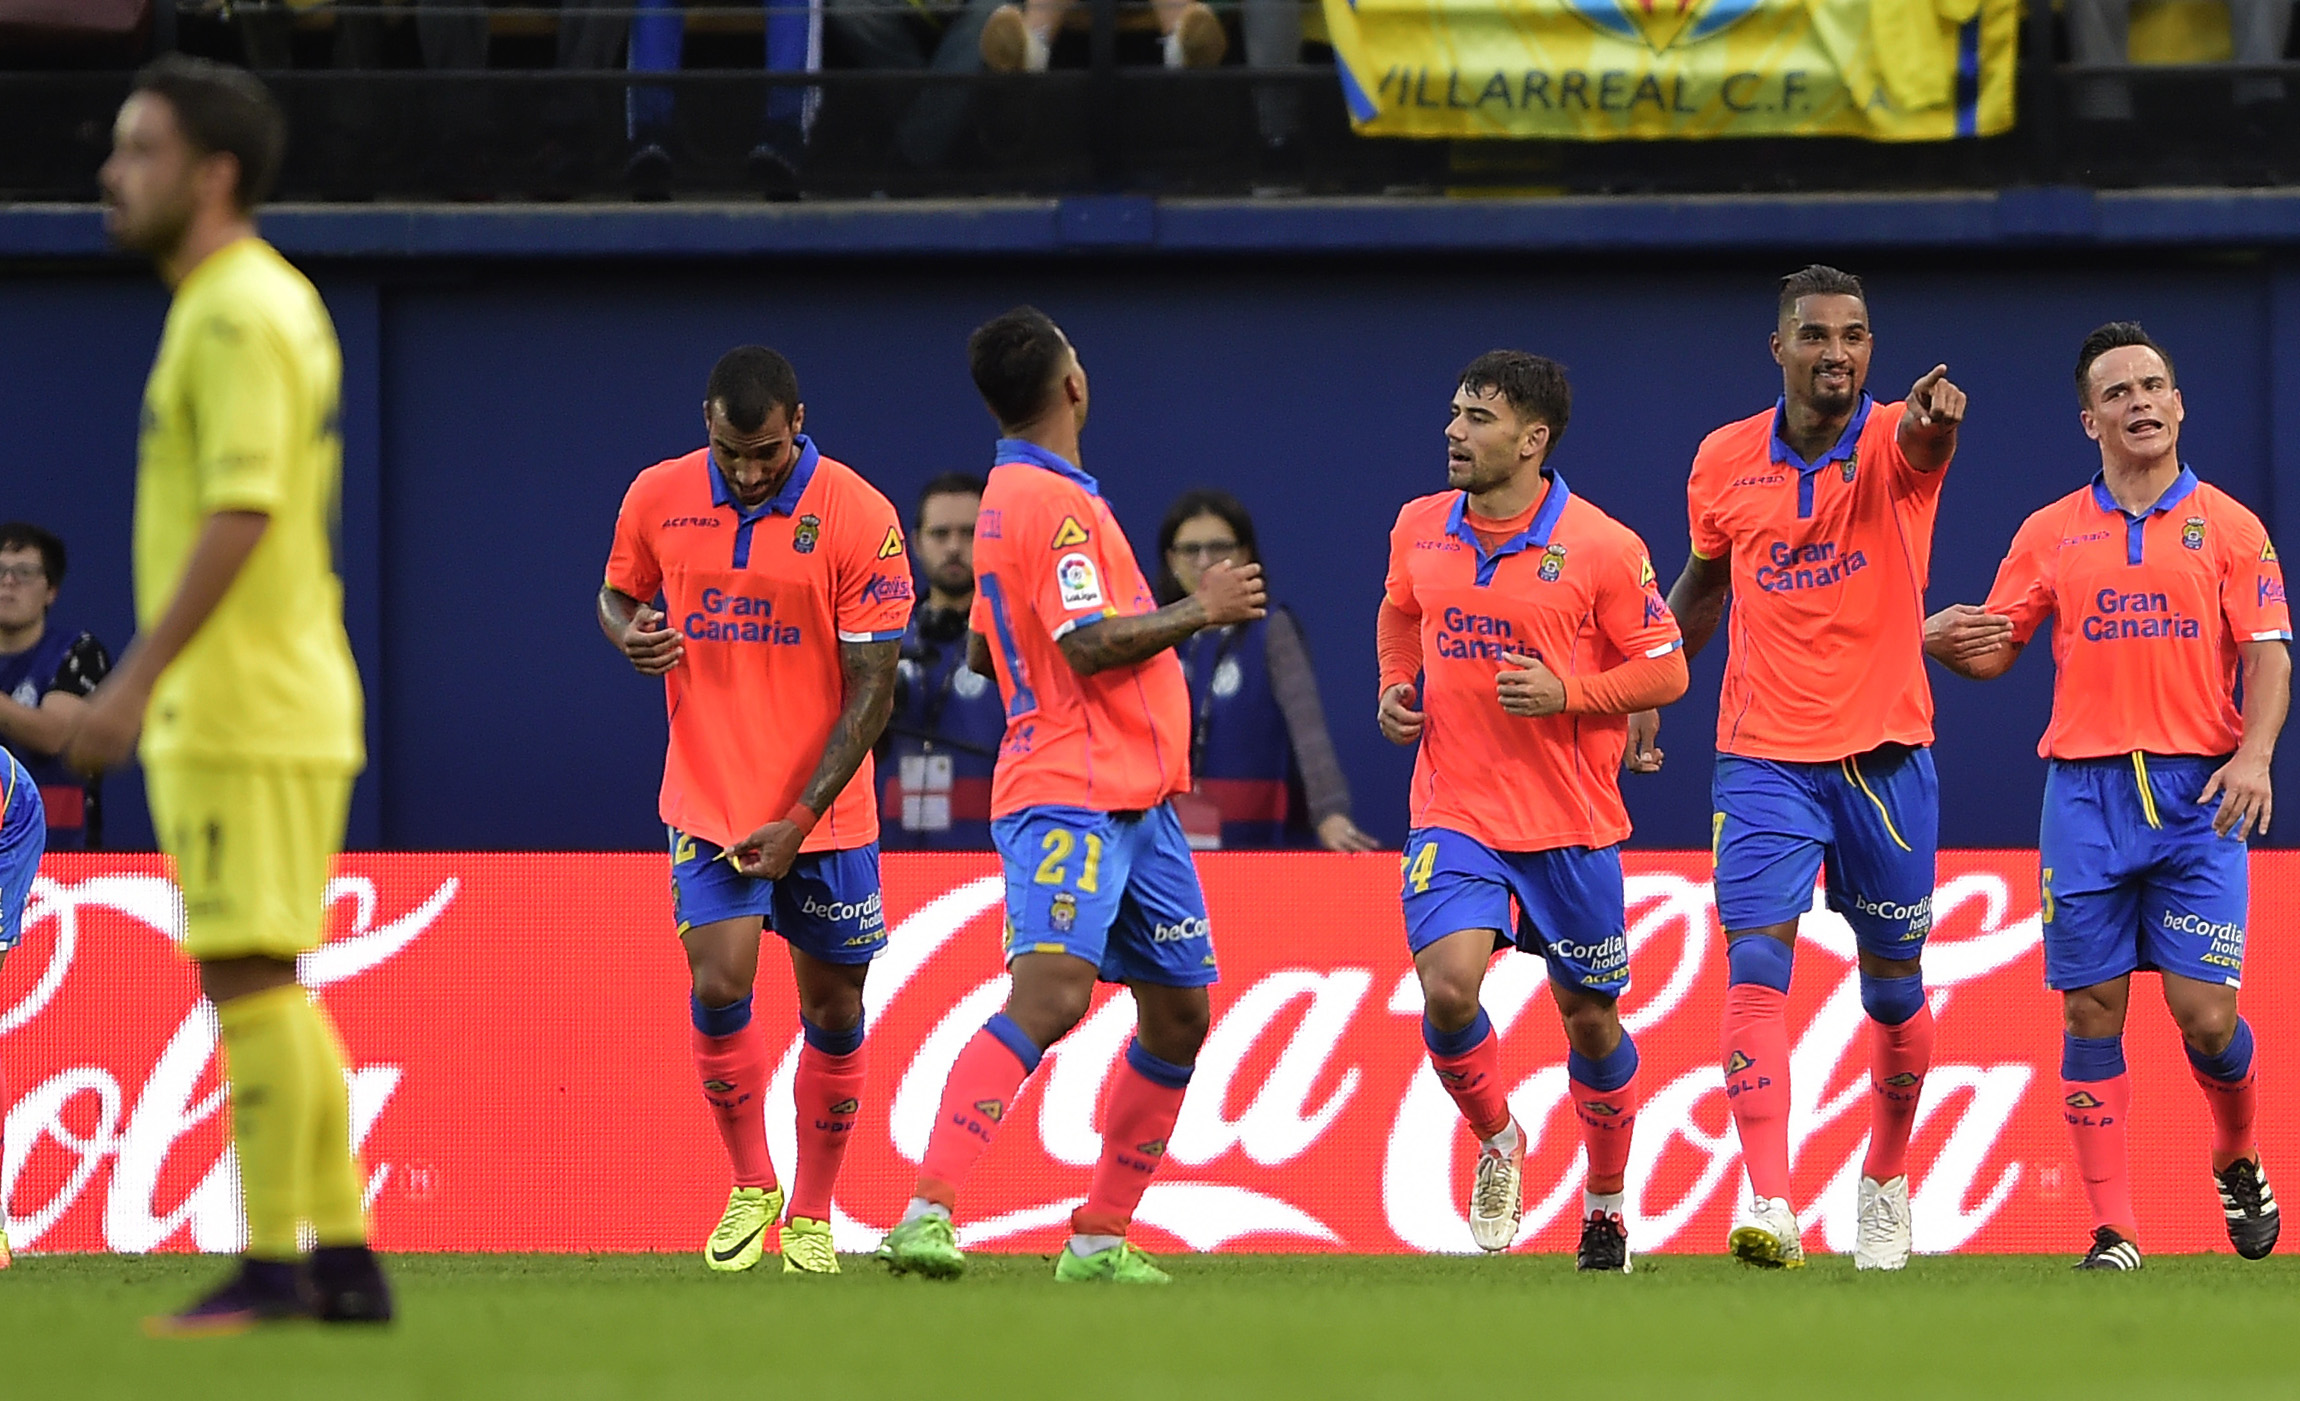 Kevin-Prince Boateng és a Las Palmas olyan gólt lőtt, amilyet csak rajzolni lehet